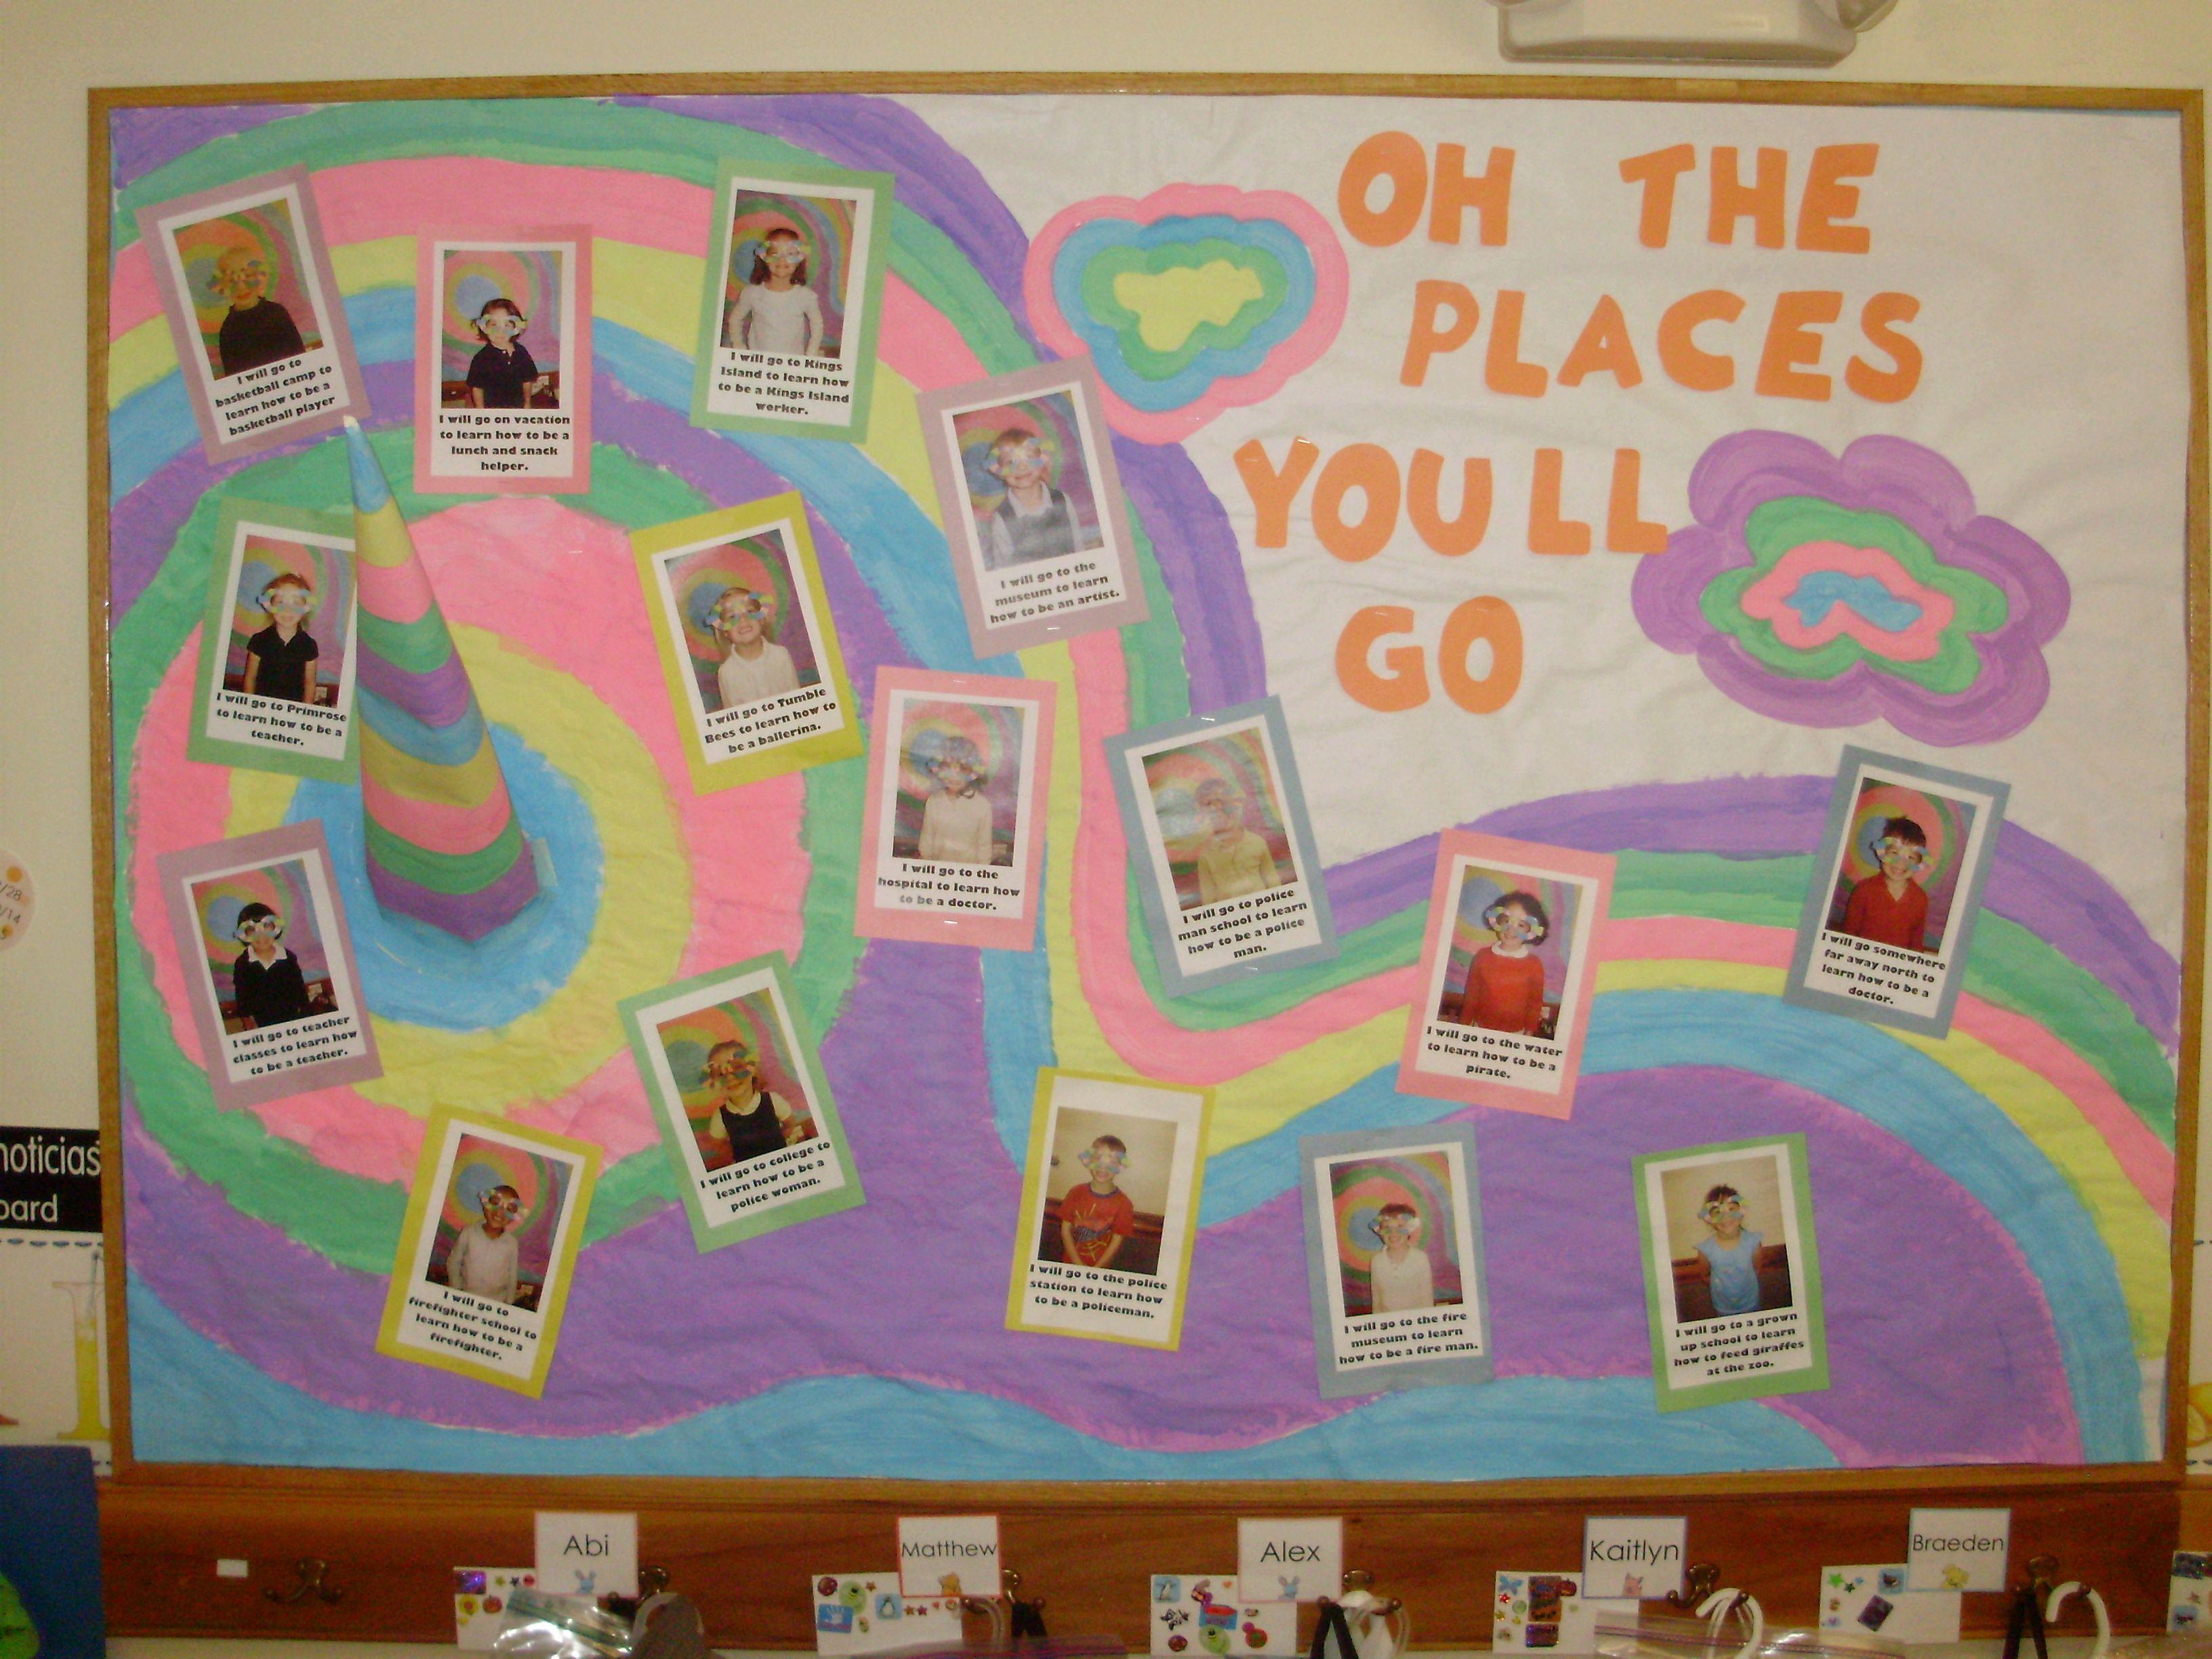 49d11f883cbcb3076b3721aac8f73fbd - Kindergarten Graduation Gift Ideas